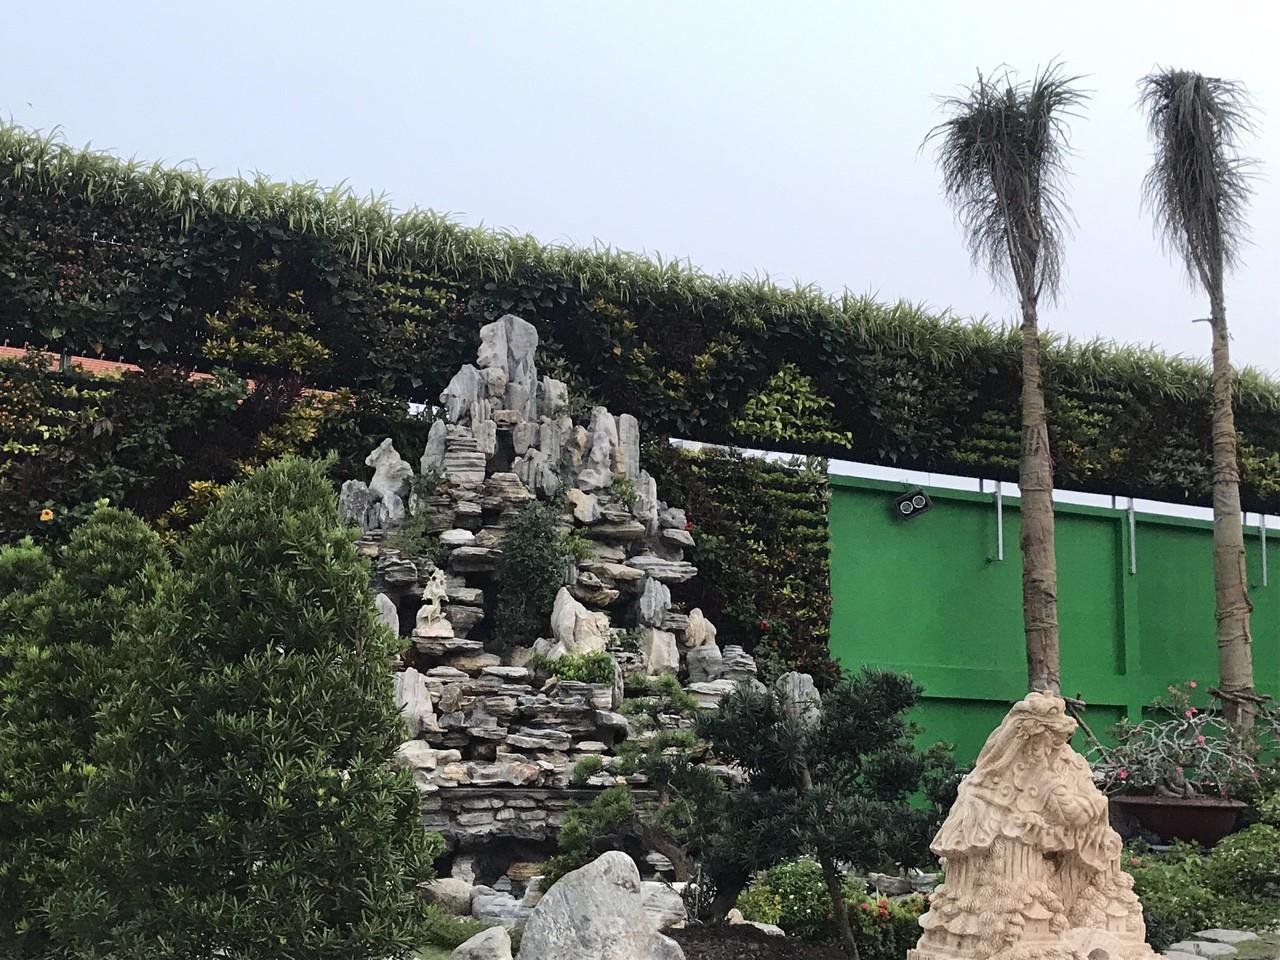 thiết kế tường cây đẹp hài hòa tphcm